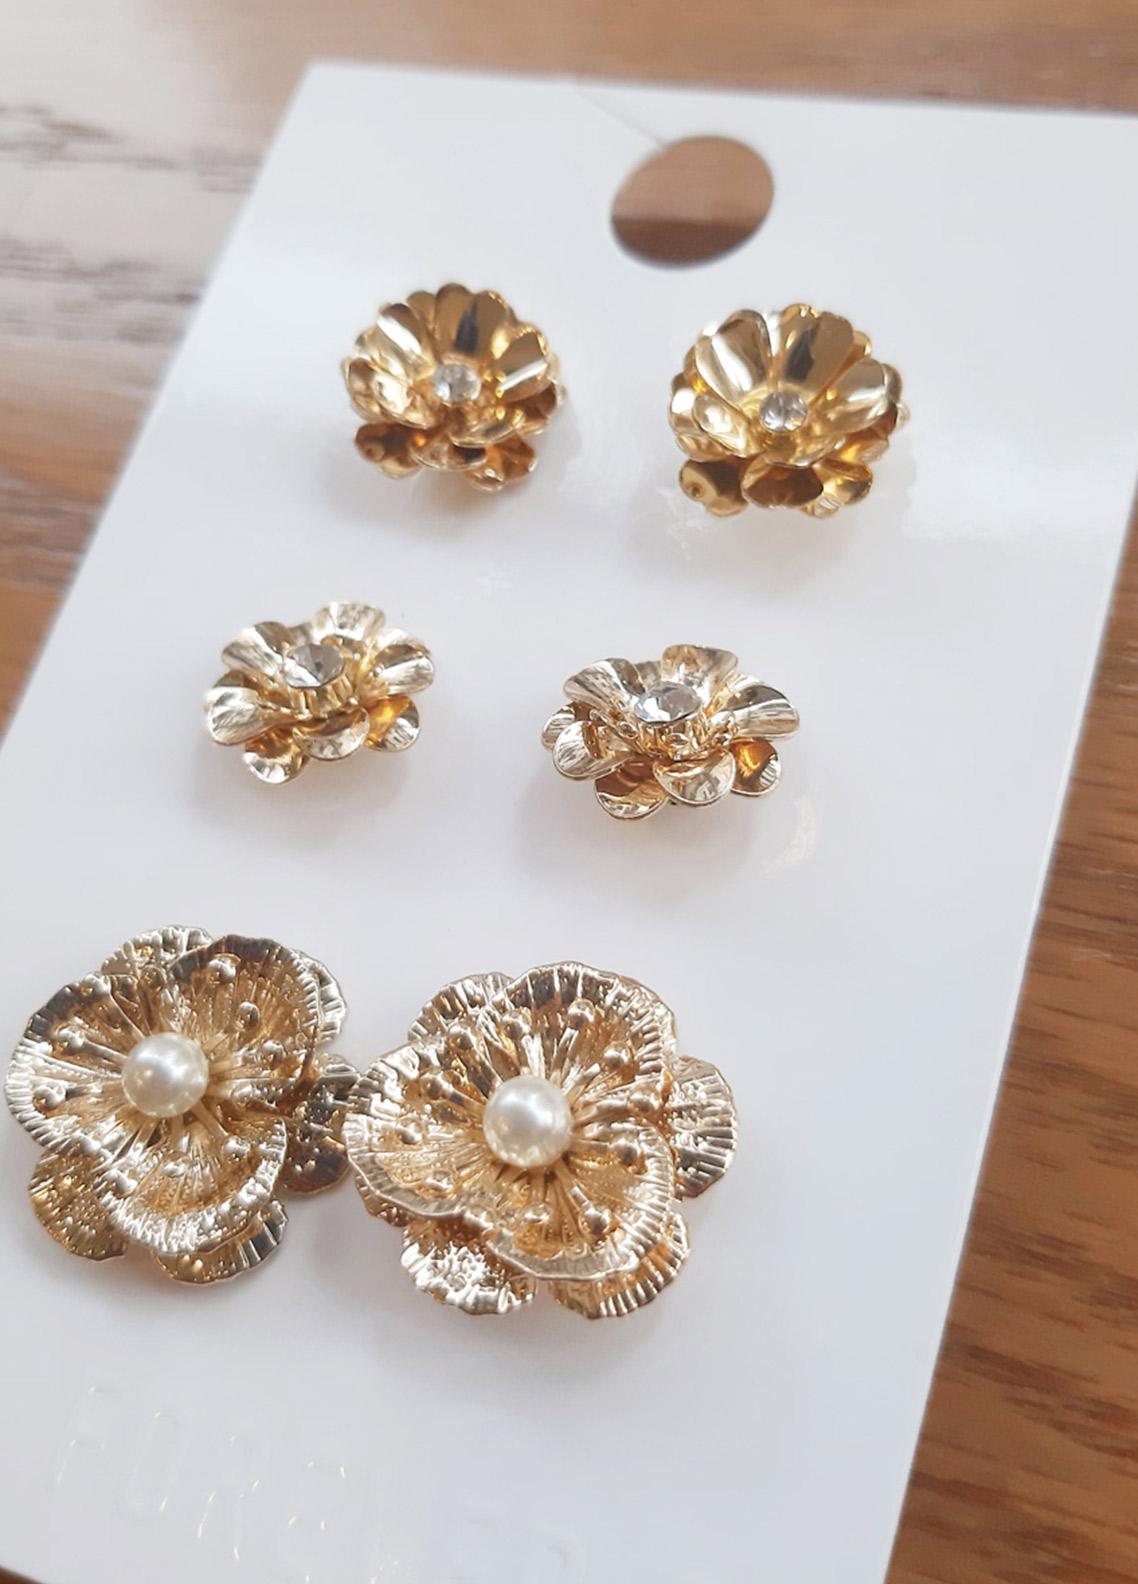 Forever21 Floral Stud Earring Set  - Ladies Jewellery